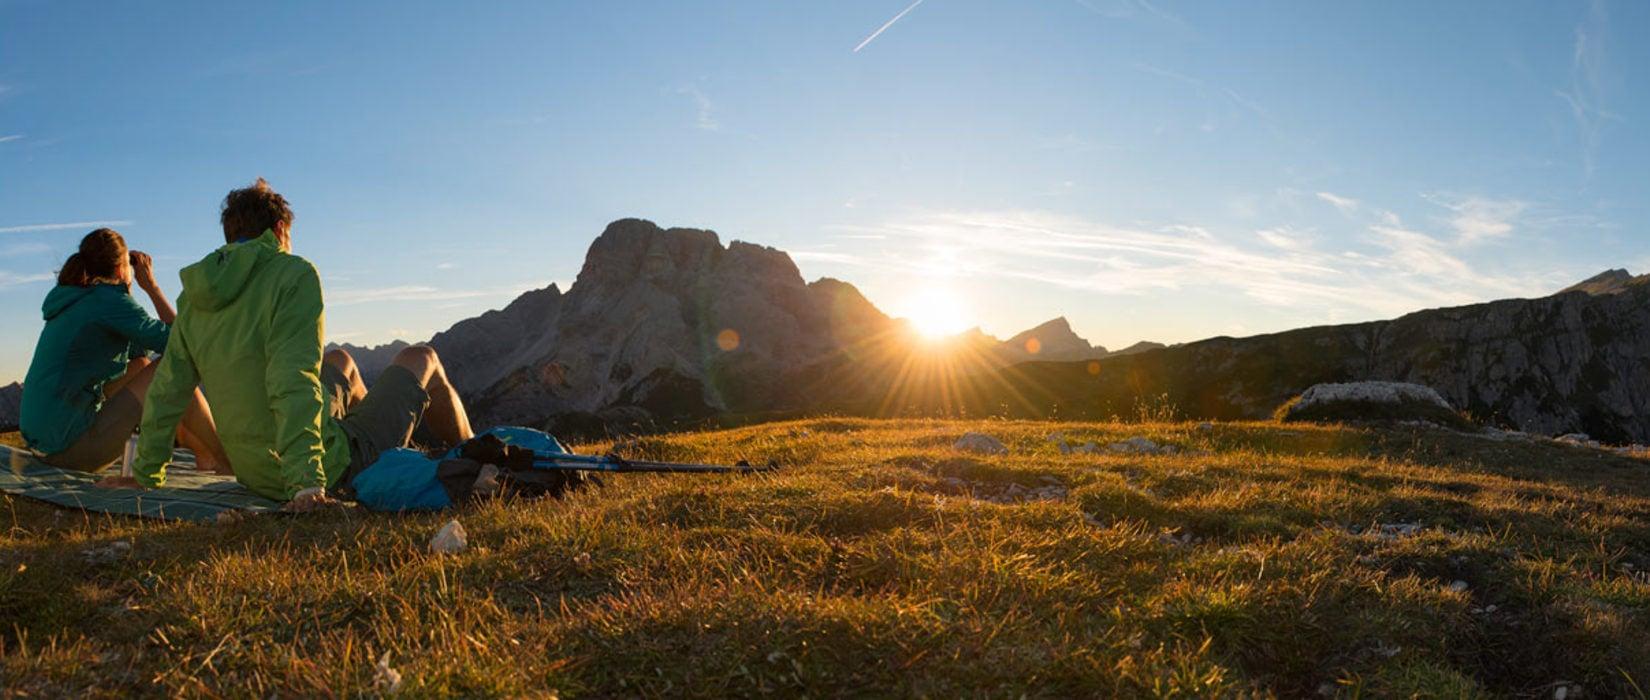 Montagna e benessere - I Vostri Vitalpina Hotels in Alto Adige